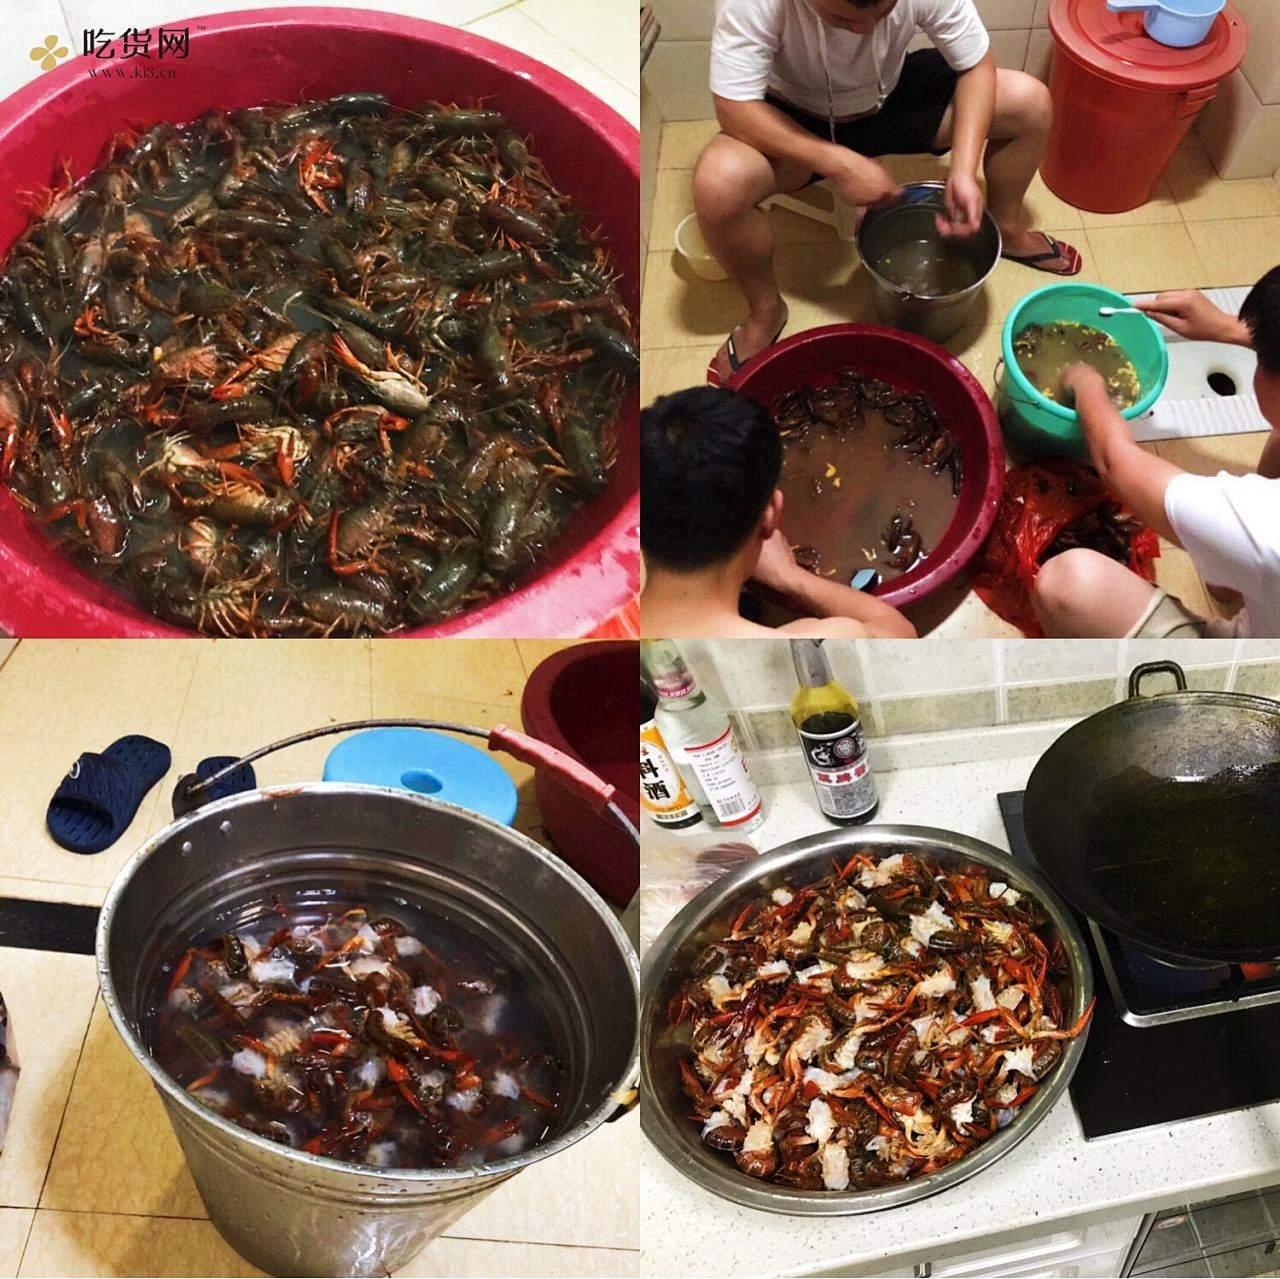 麻辣小龙虾(#湘潭篇)的做法 步骤2